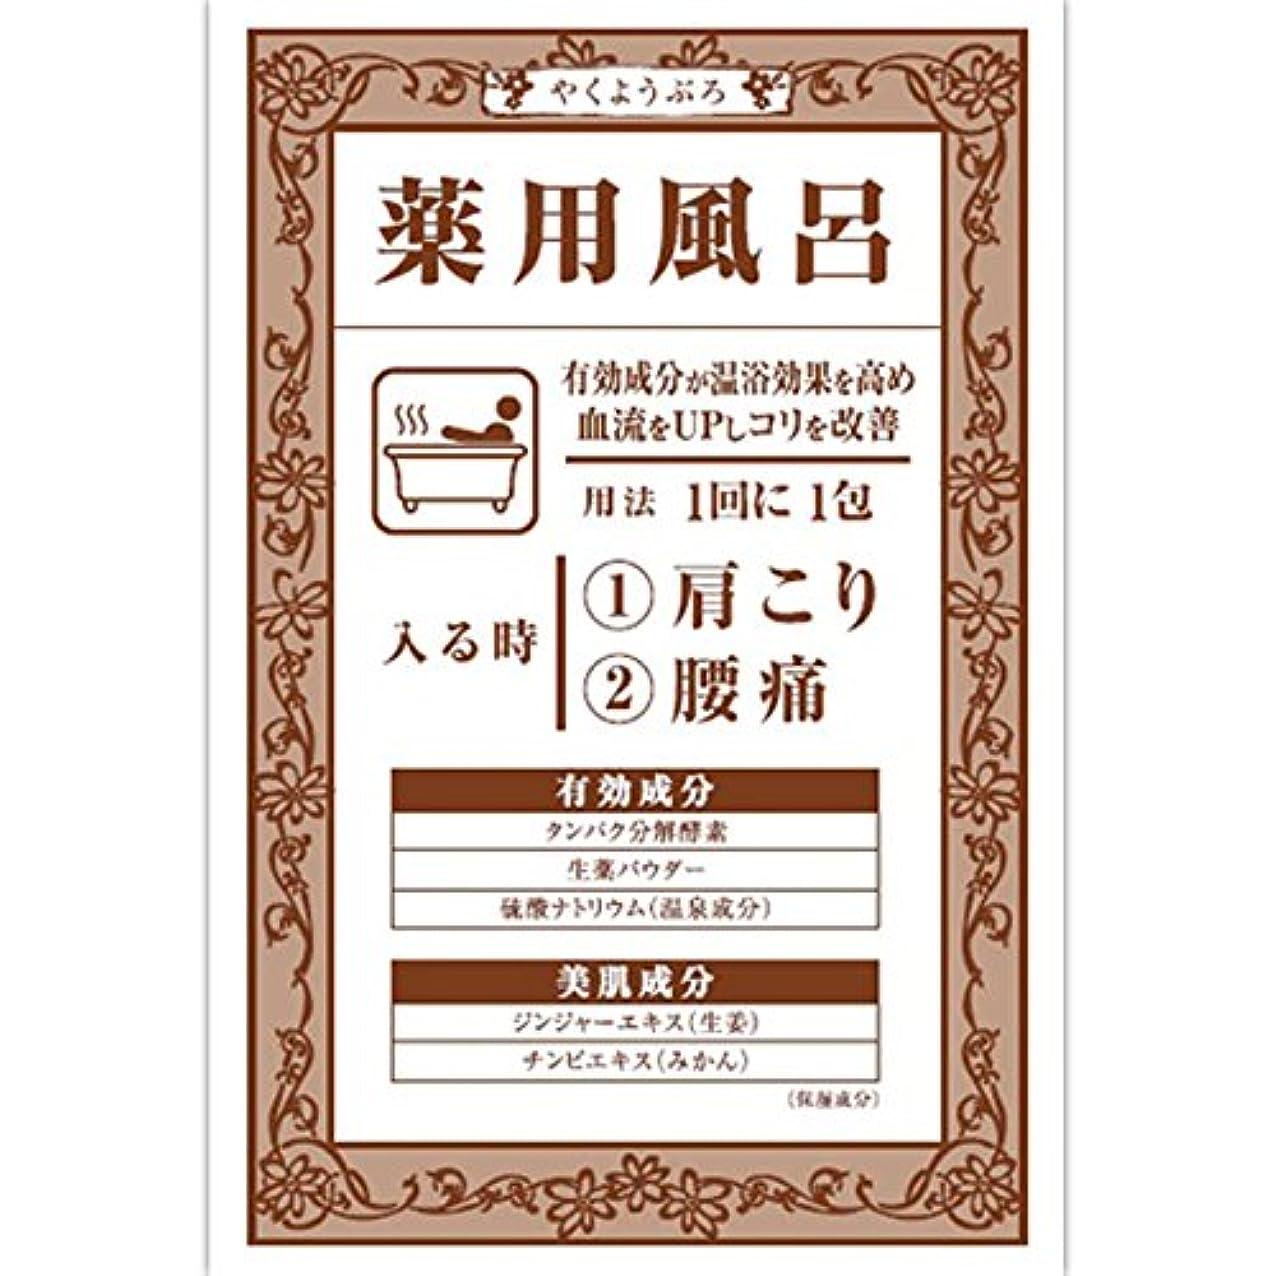 入学する毒障害者大山 薬用風呂KKa(肩こり?腰痛) 40G(医薬部外品)